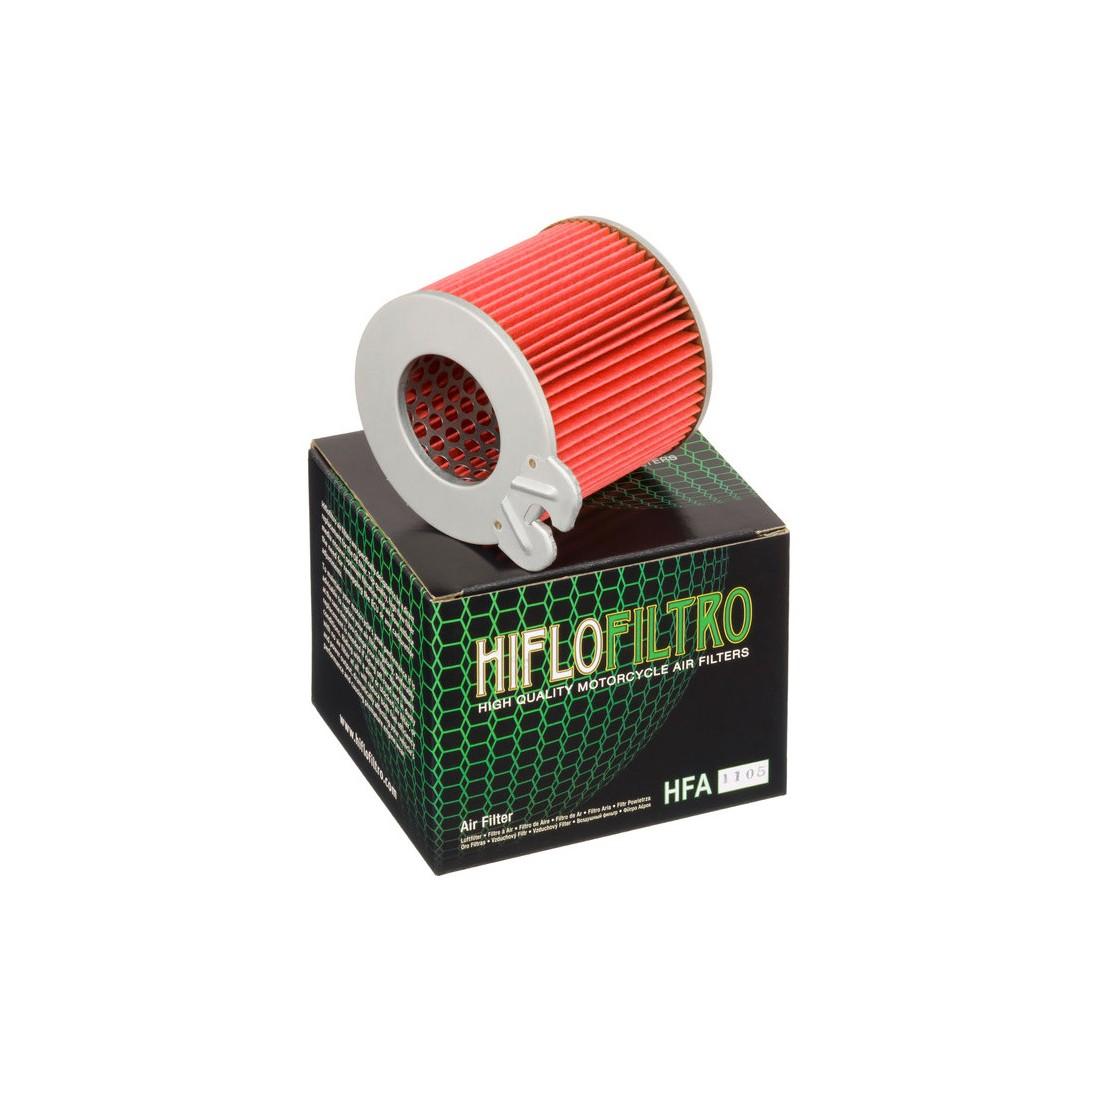 Filtro Aire Hiflofiltro HFA1105